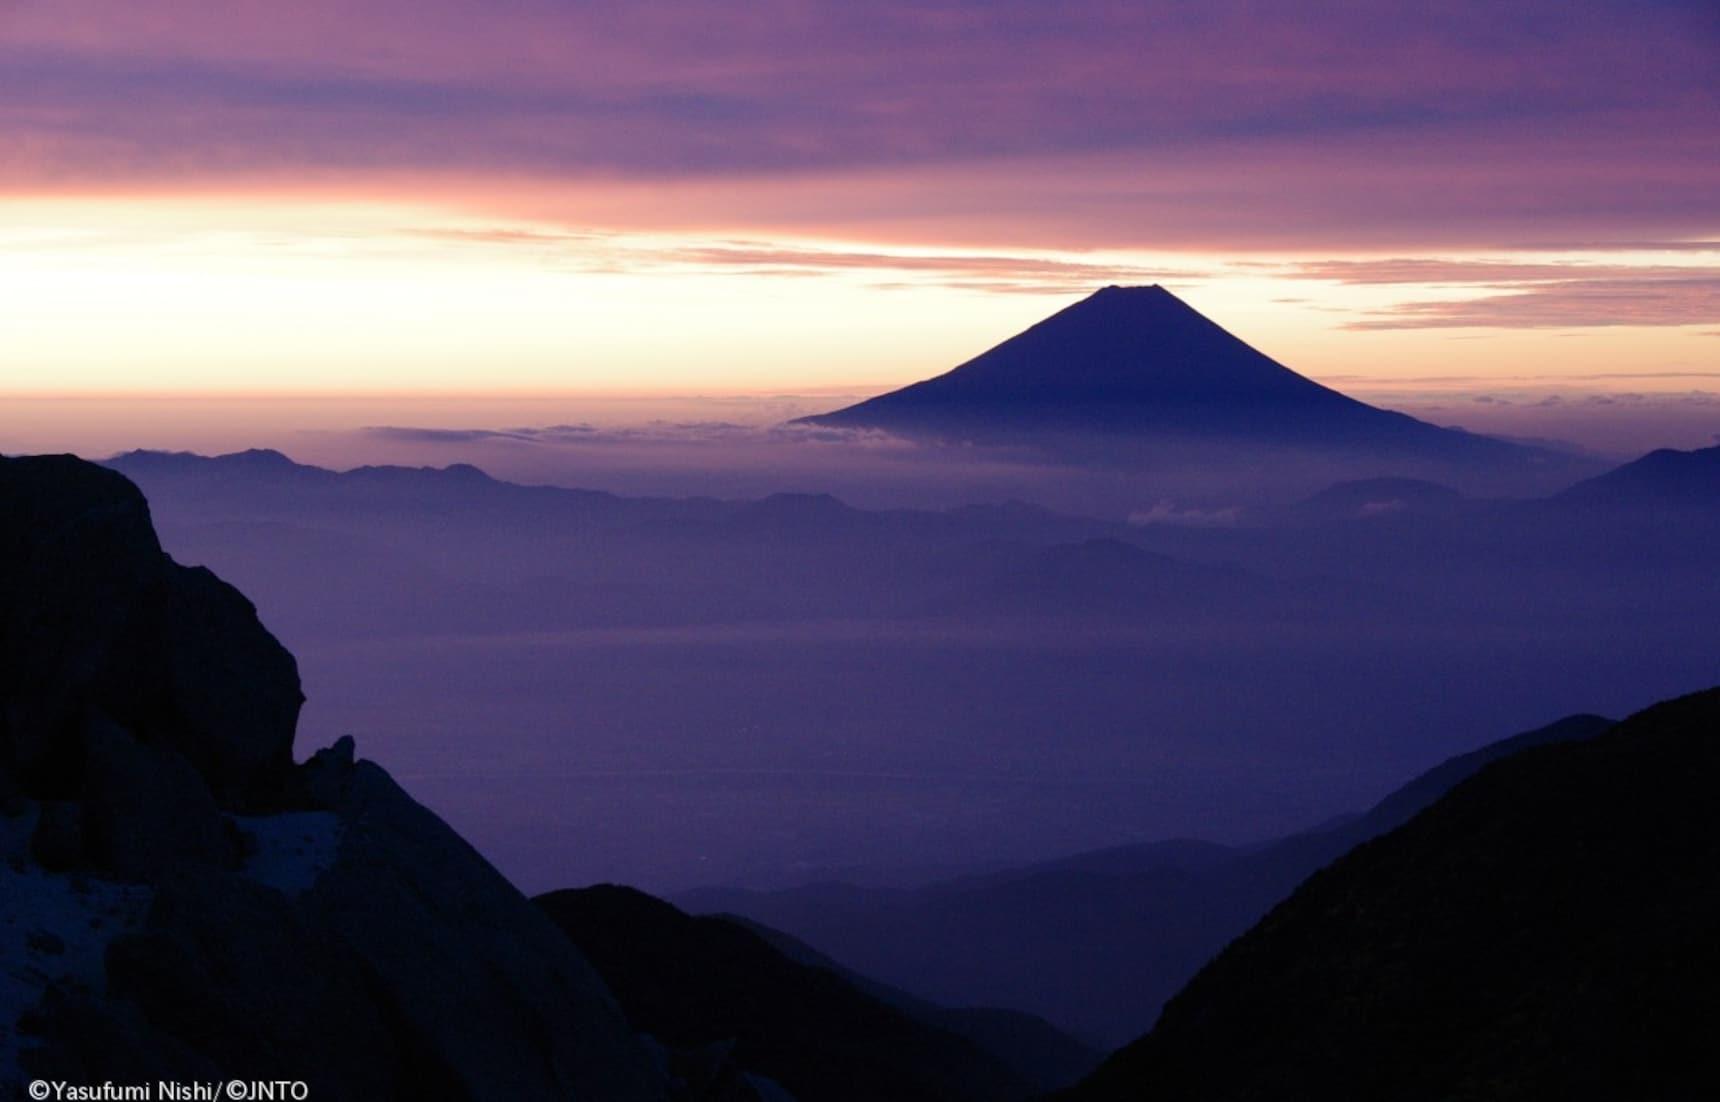 4 ออนเซ็นที่มีวิวงามๆ ของภูเขาฟูจิให้ชม